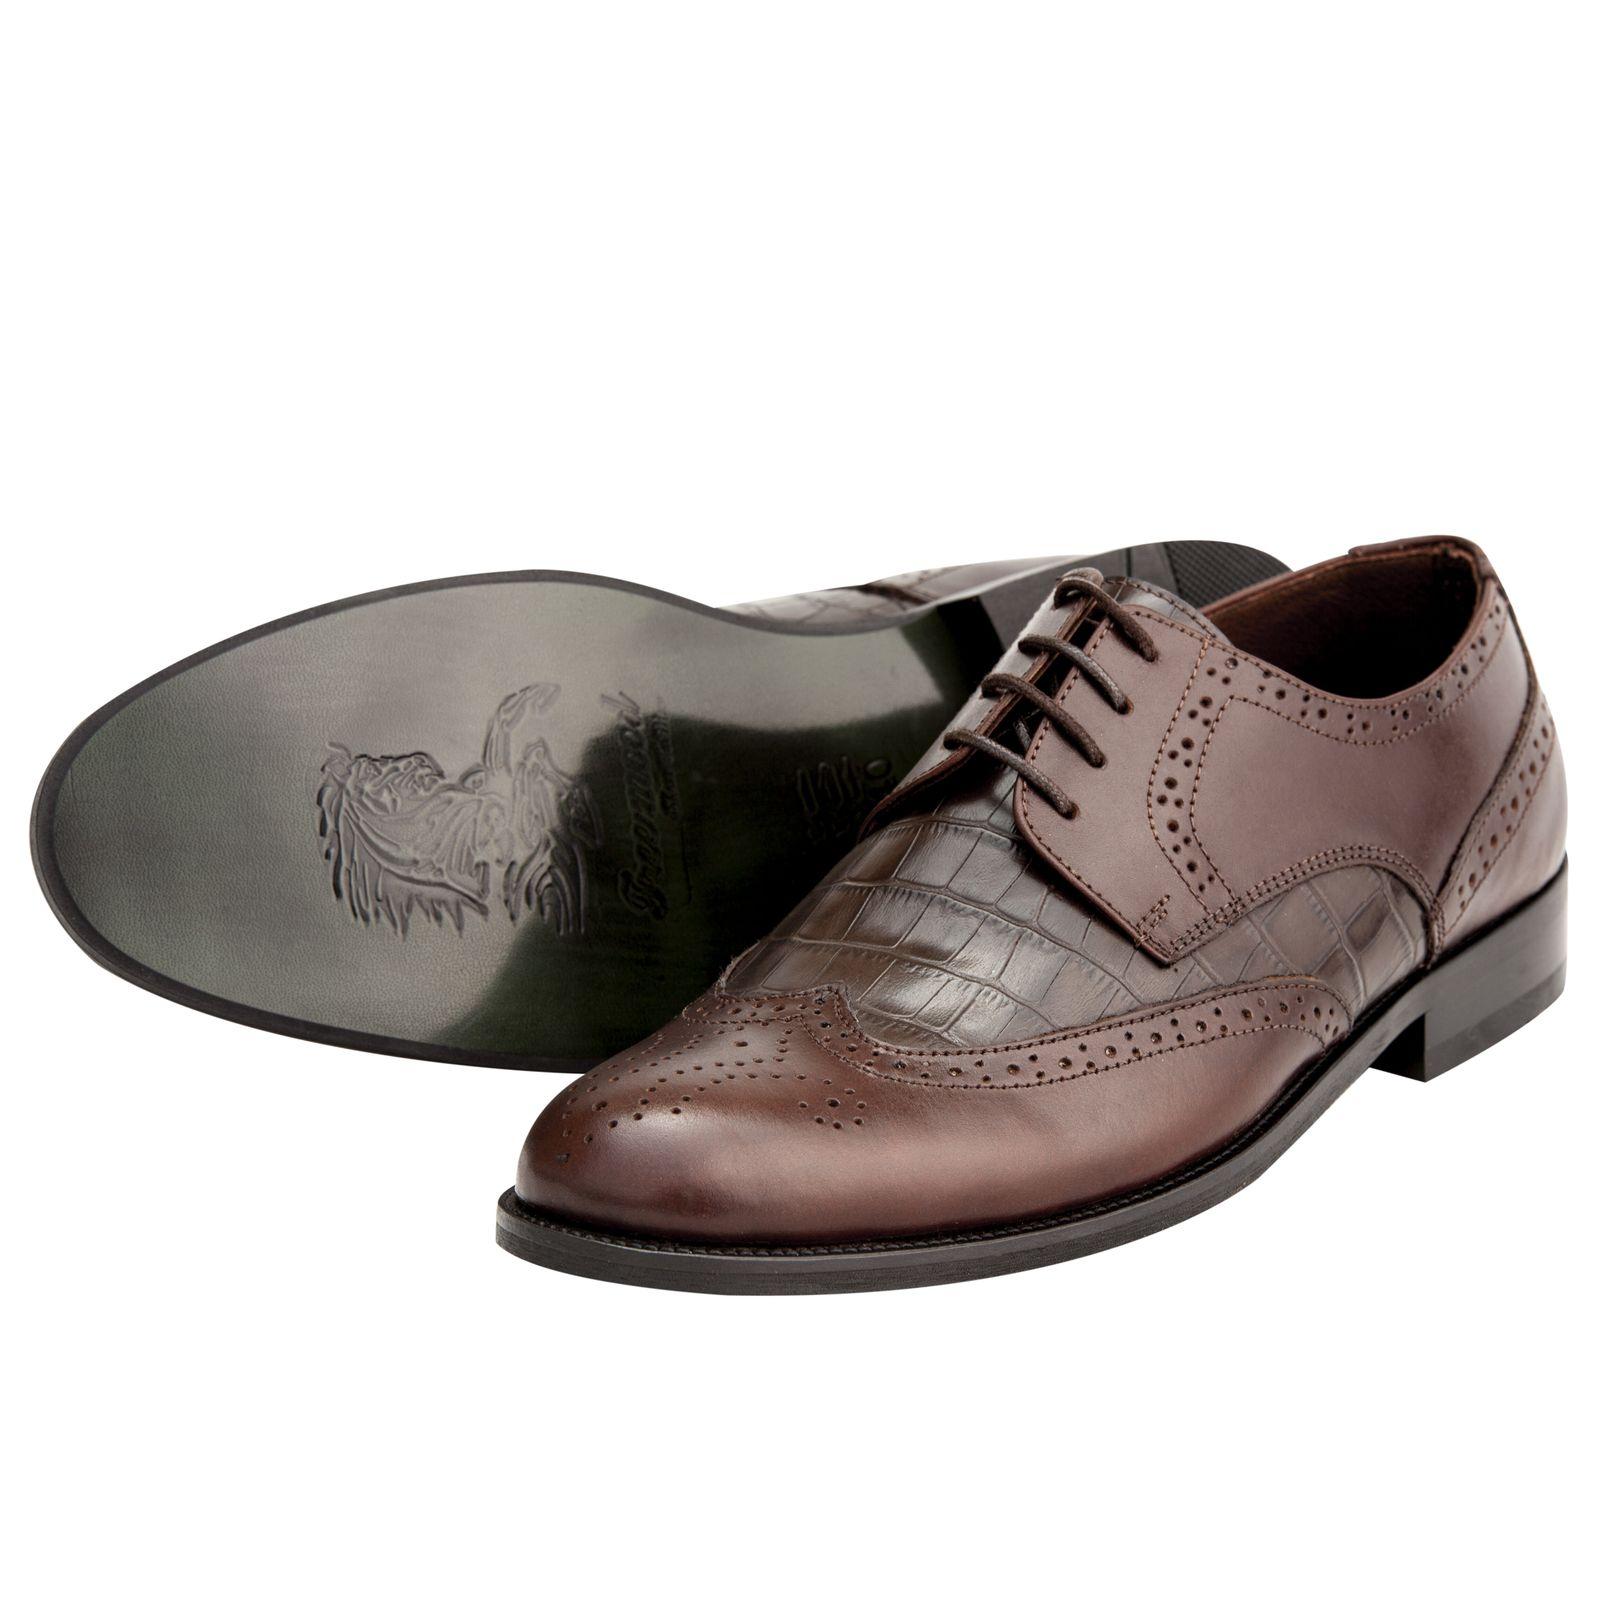 کفش مردانه فری مود کد 1518 رنگ قهوه ای -  - 1